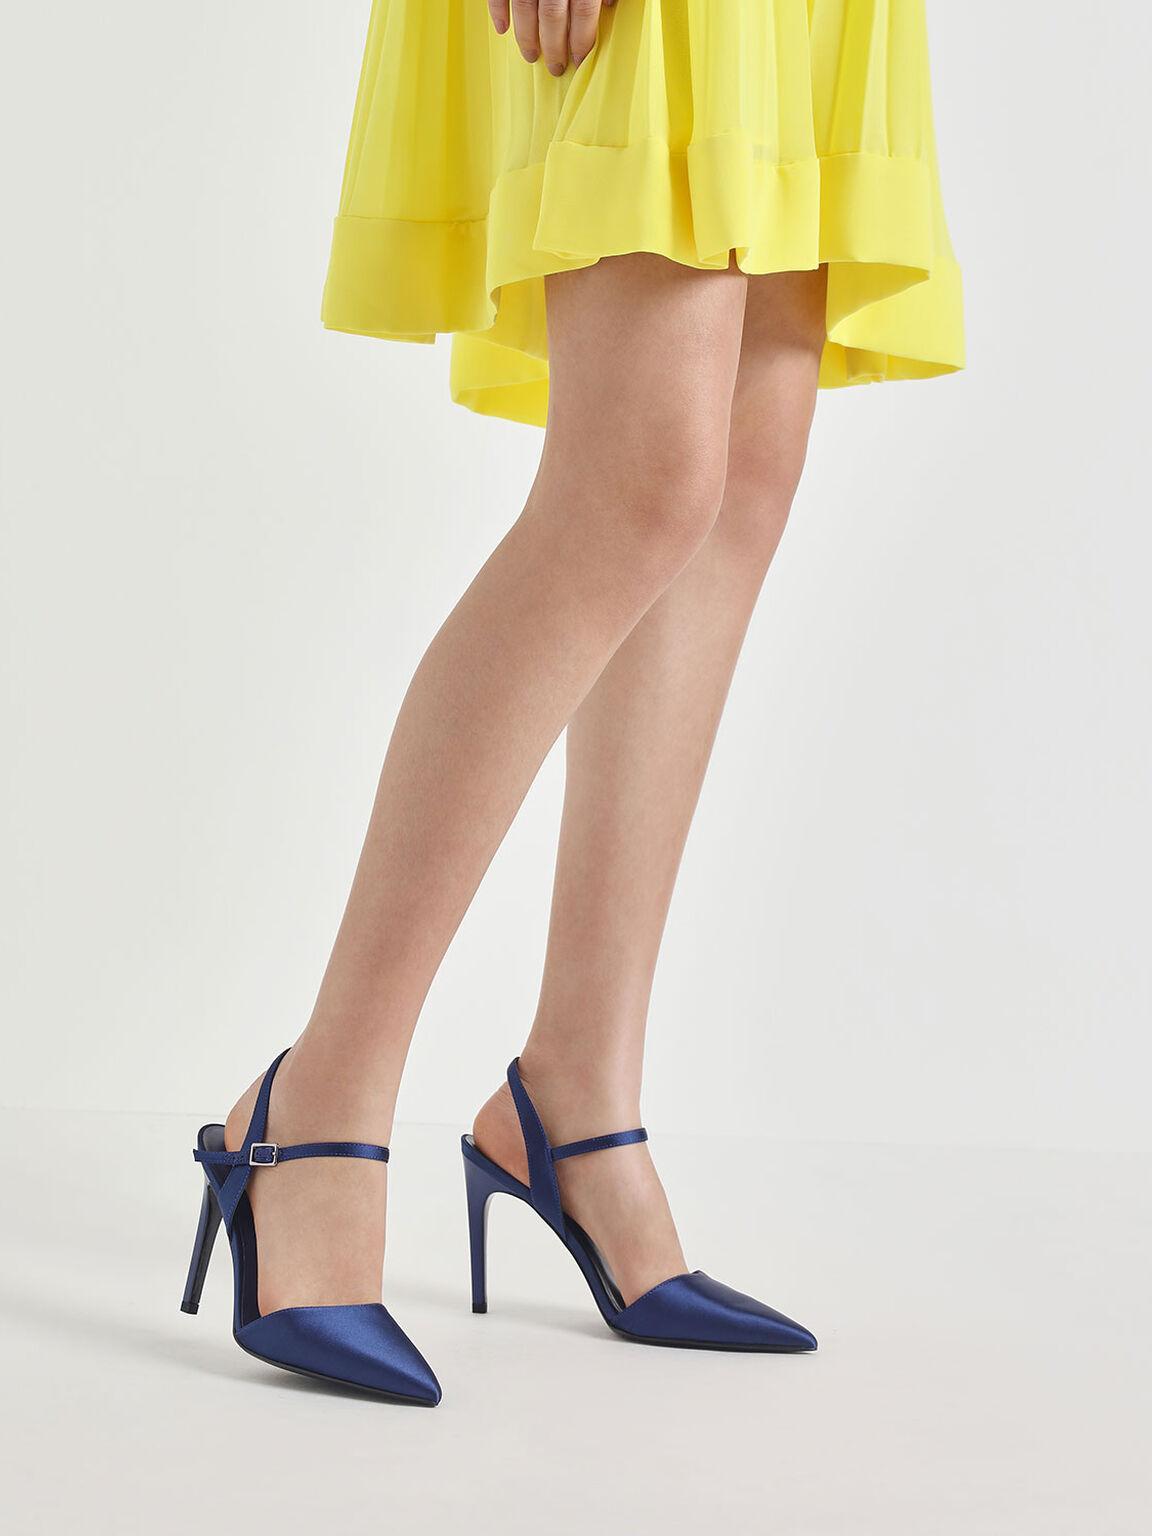 Satin Ankle Strap Covered Heels, Blue, hi-res